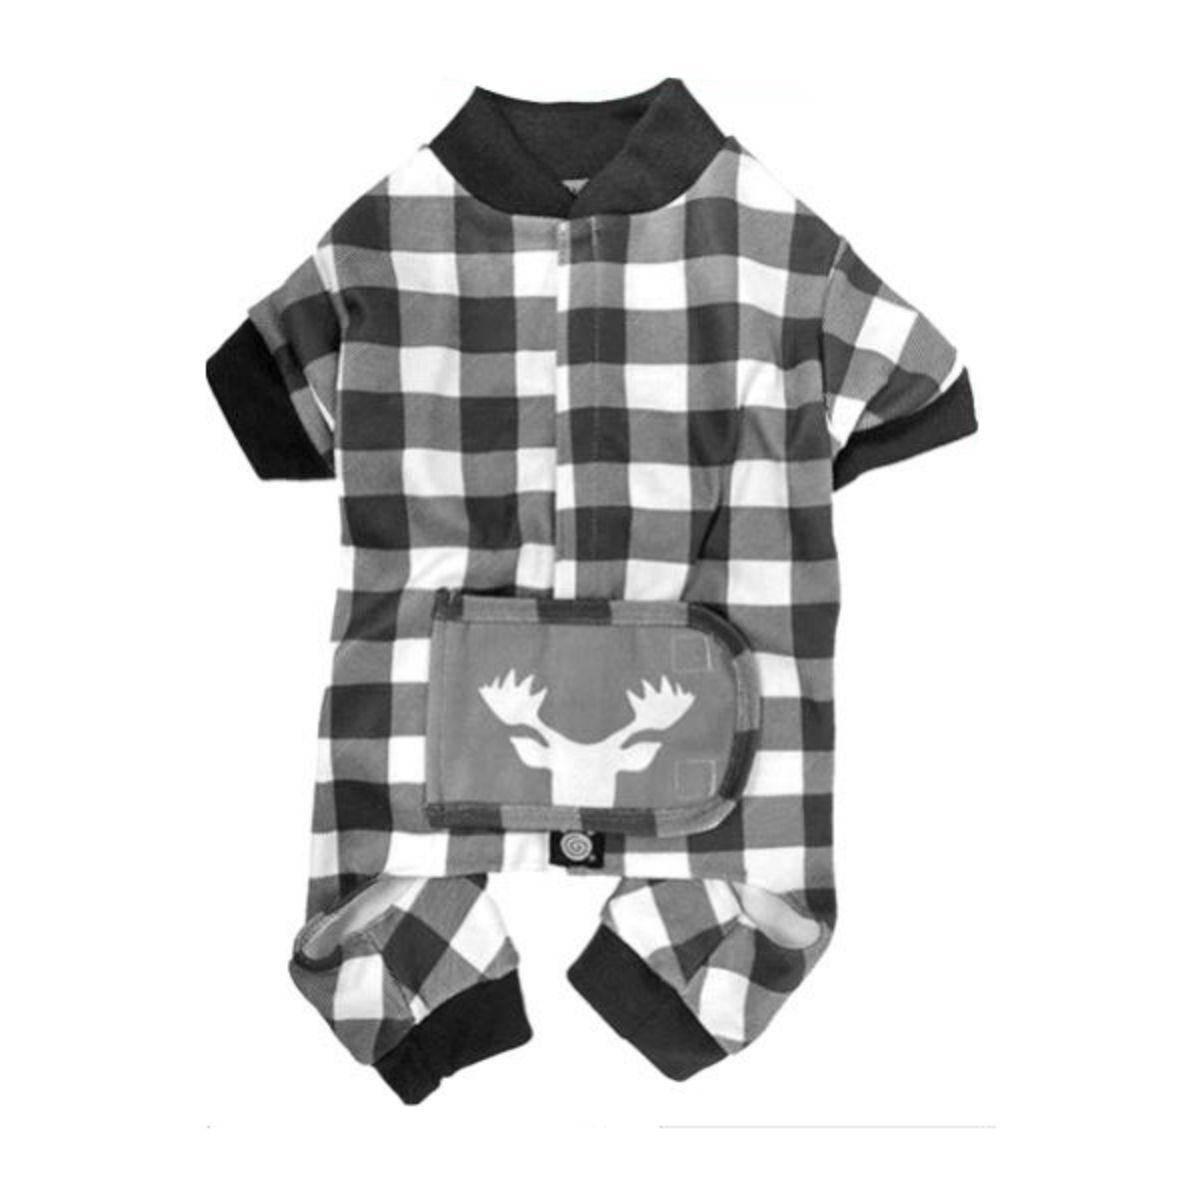 Jackson Moose Head Dog Pajamas - Cream/Gray Checkered